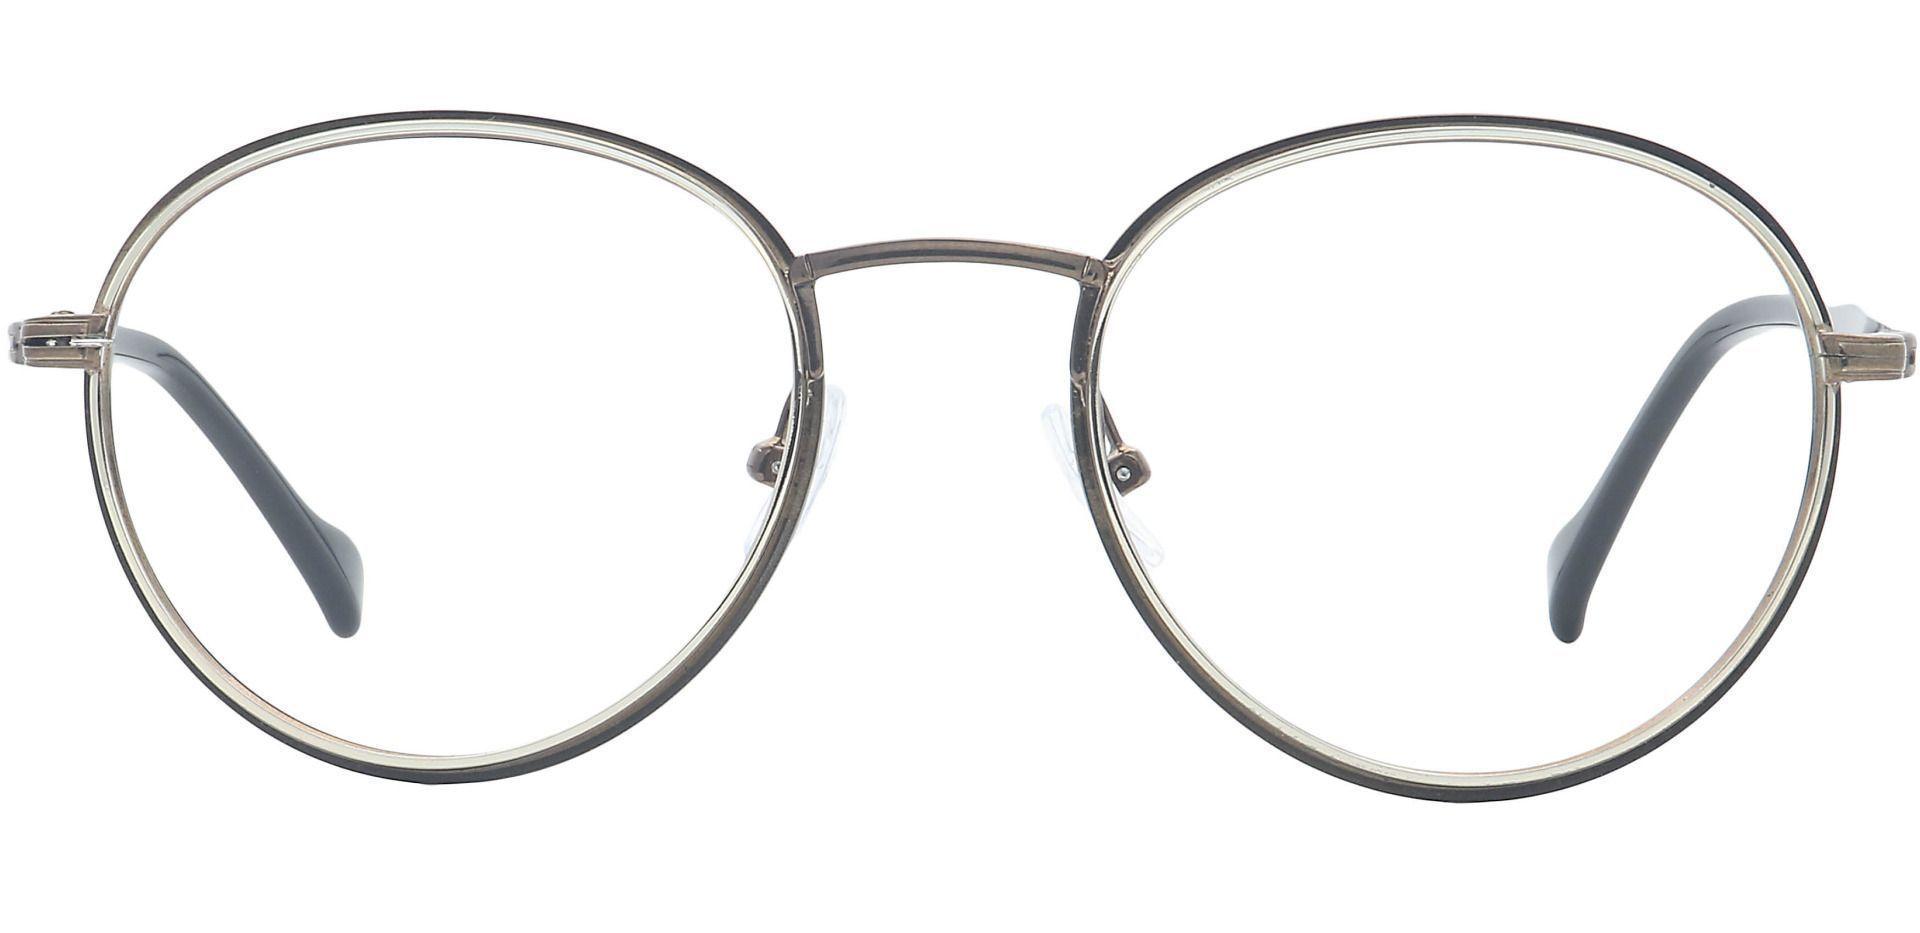 Page Oval Prescription Glasses - Brown